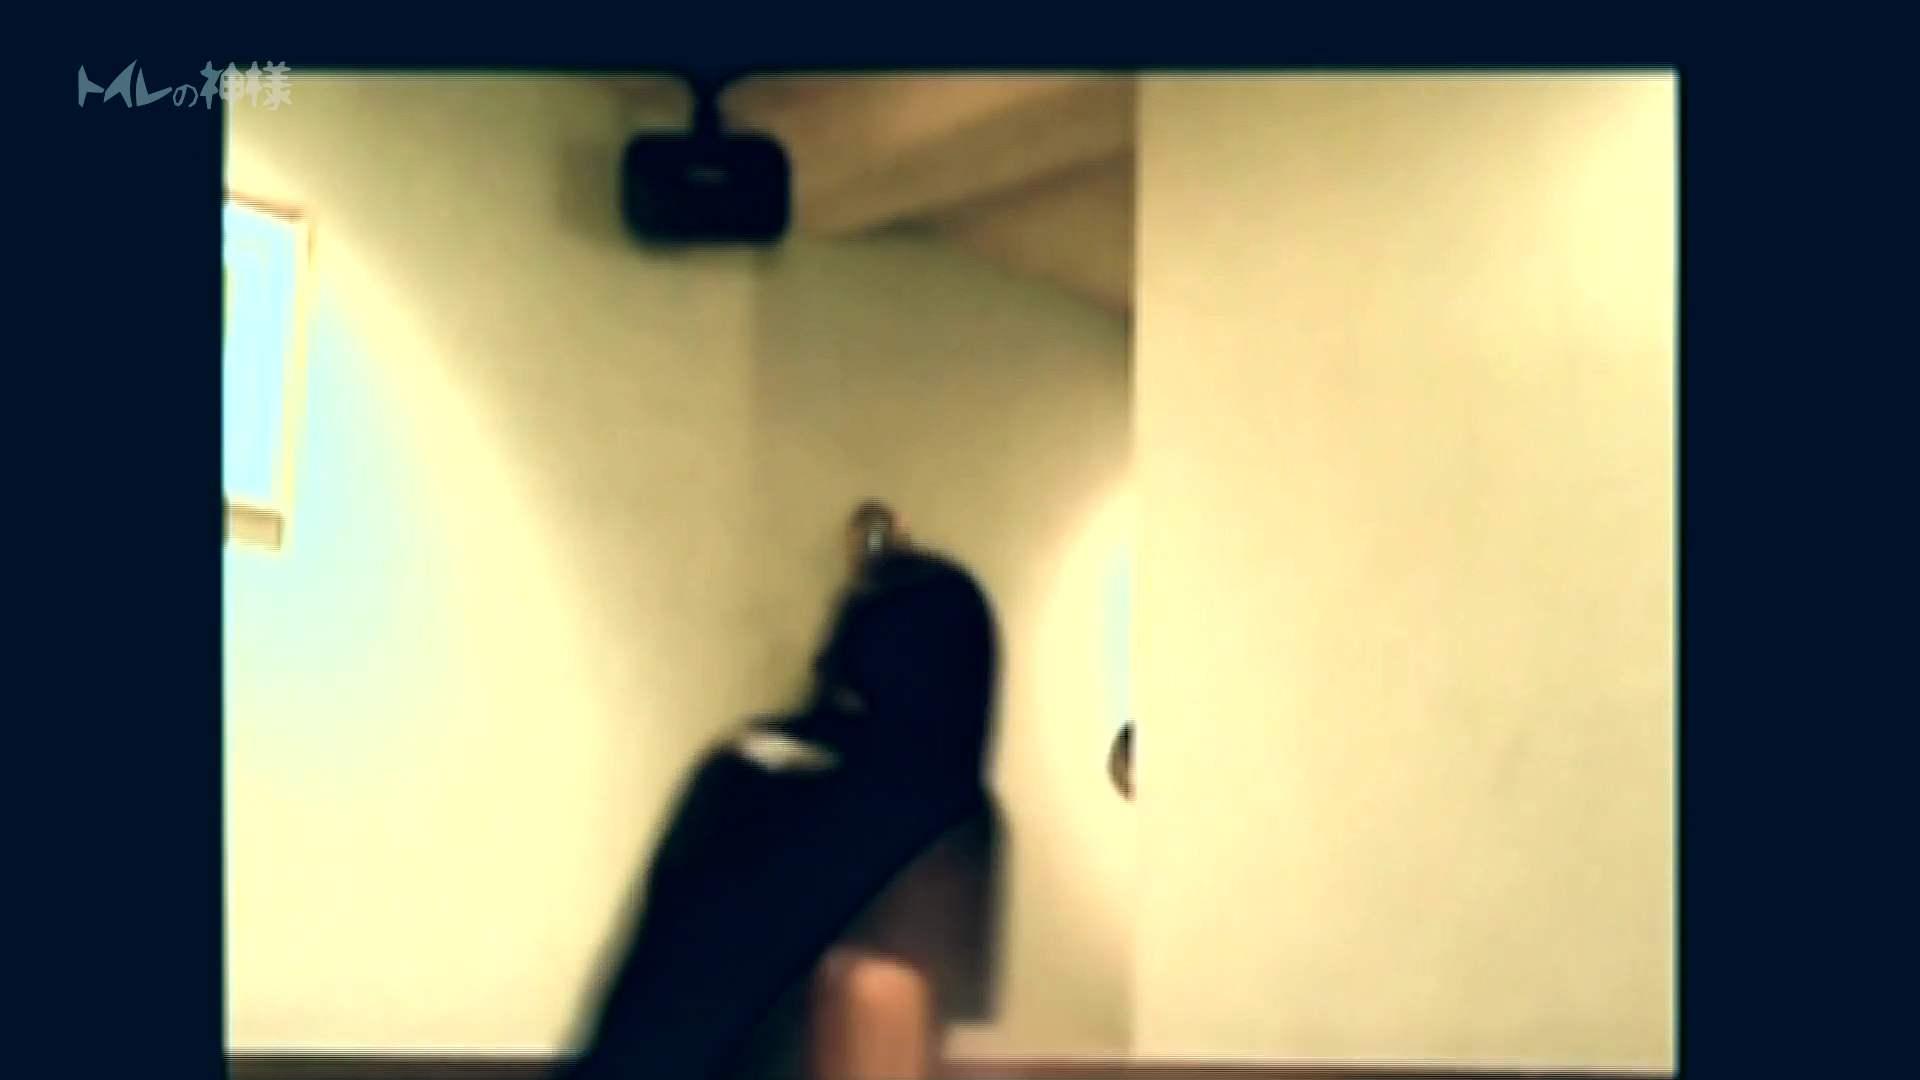 トイレの神様 Vol.01 花の女子大生うんこ盗撮1 女性トイレ オメコ無修正動画無料 96pic 25